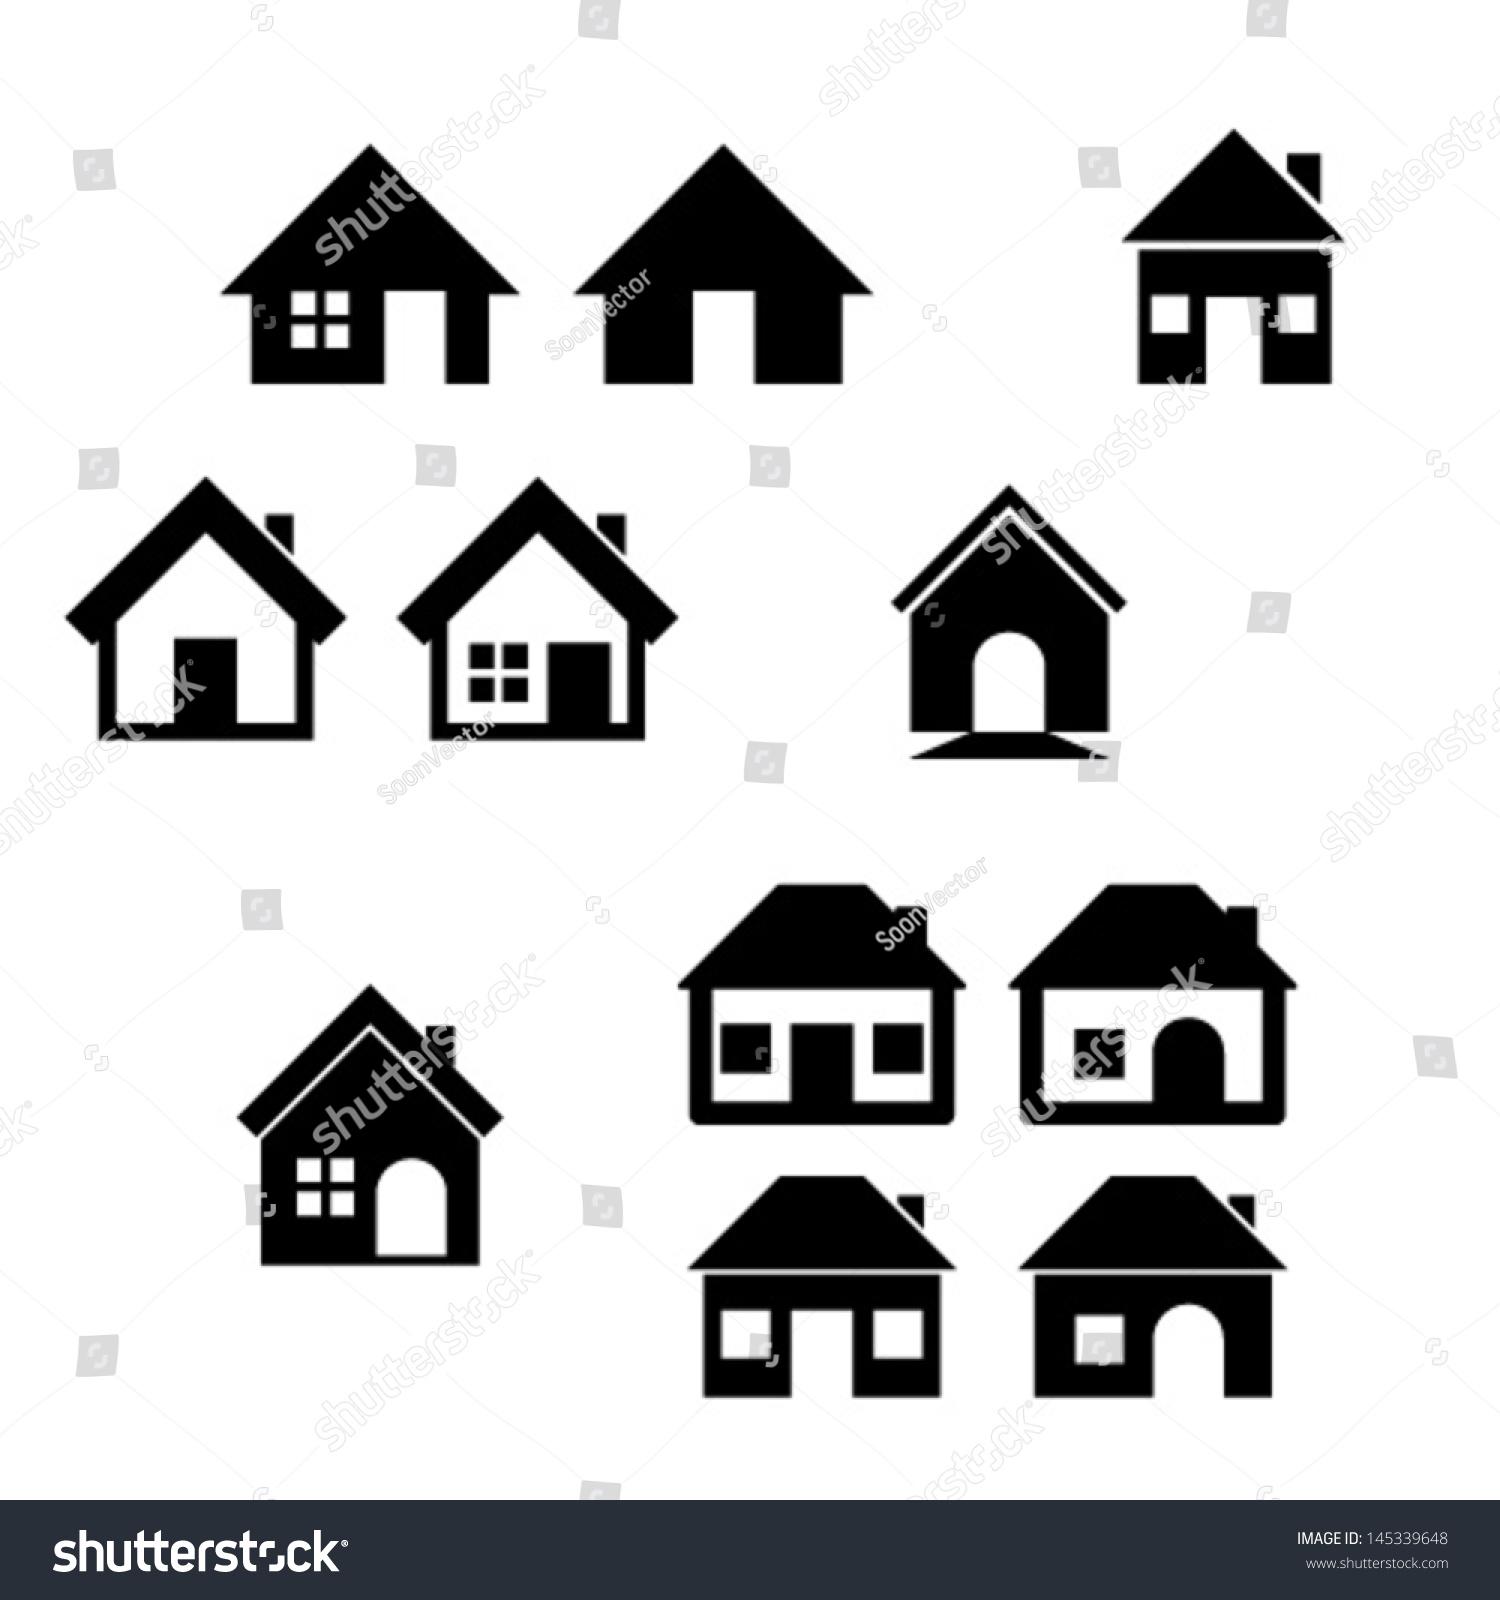 房子图标集.房地产.